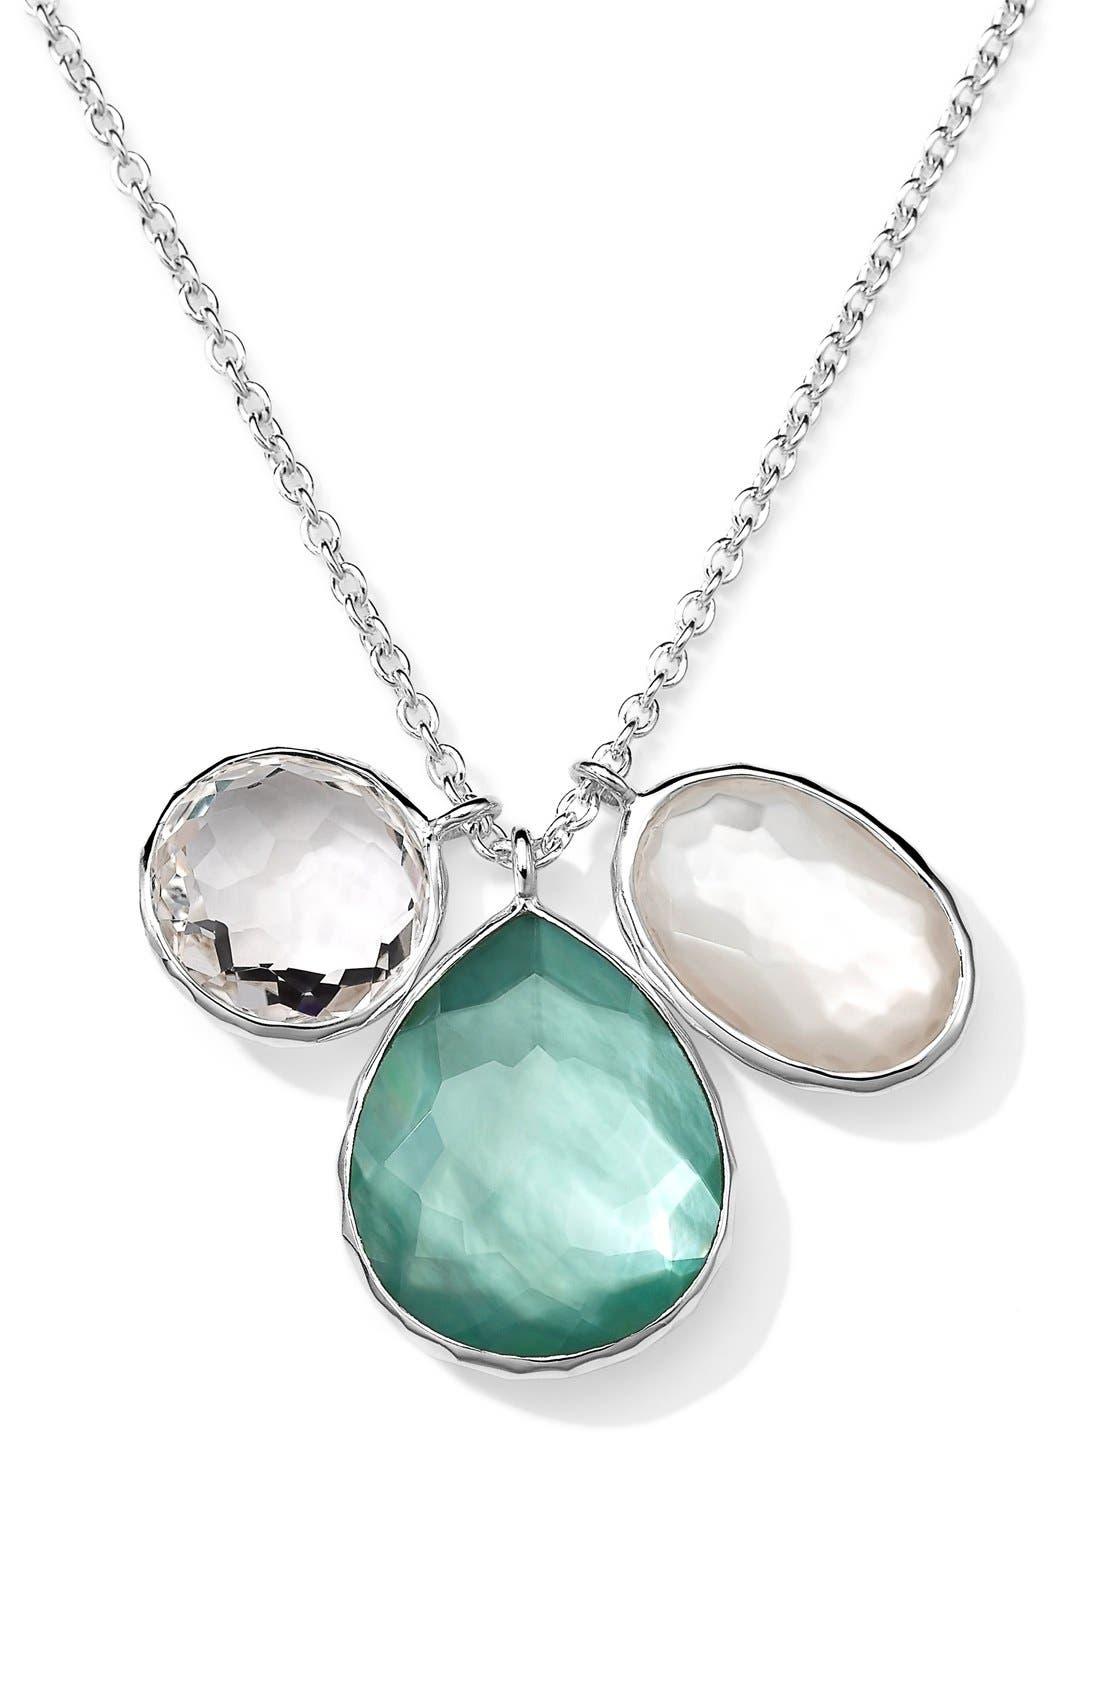 Alternate Image 1 Selected - Ippolita 'Wonderland' Cluster Pendant Necklace